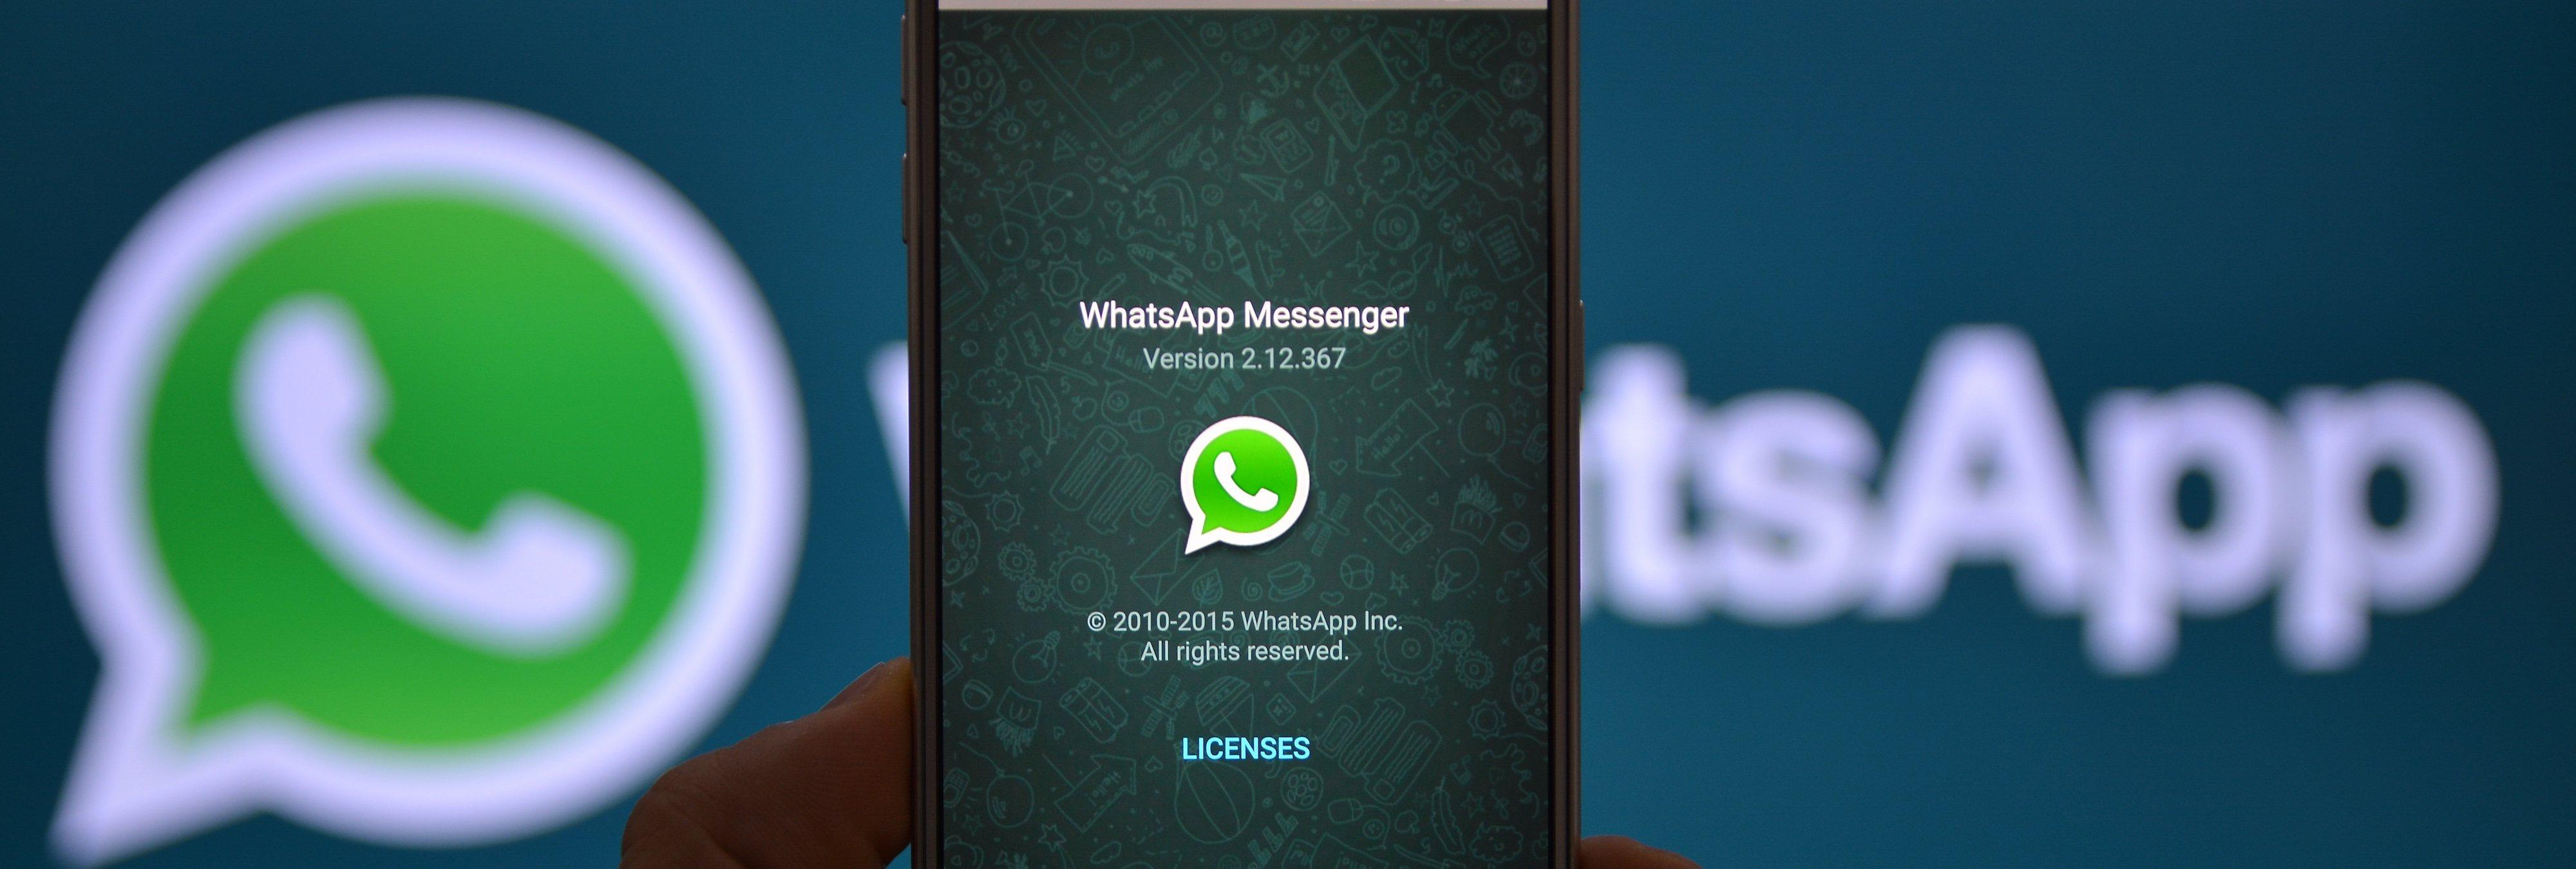 WhatsApp incluirá publicidad a partir de 2020